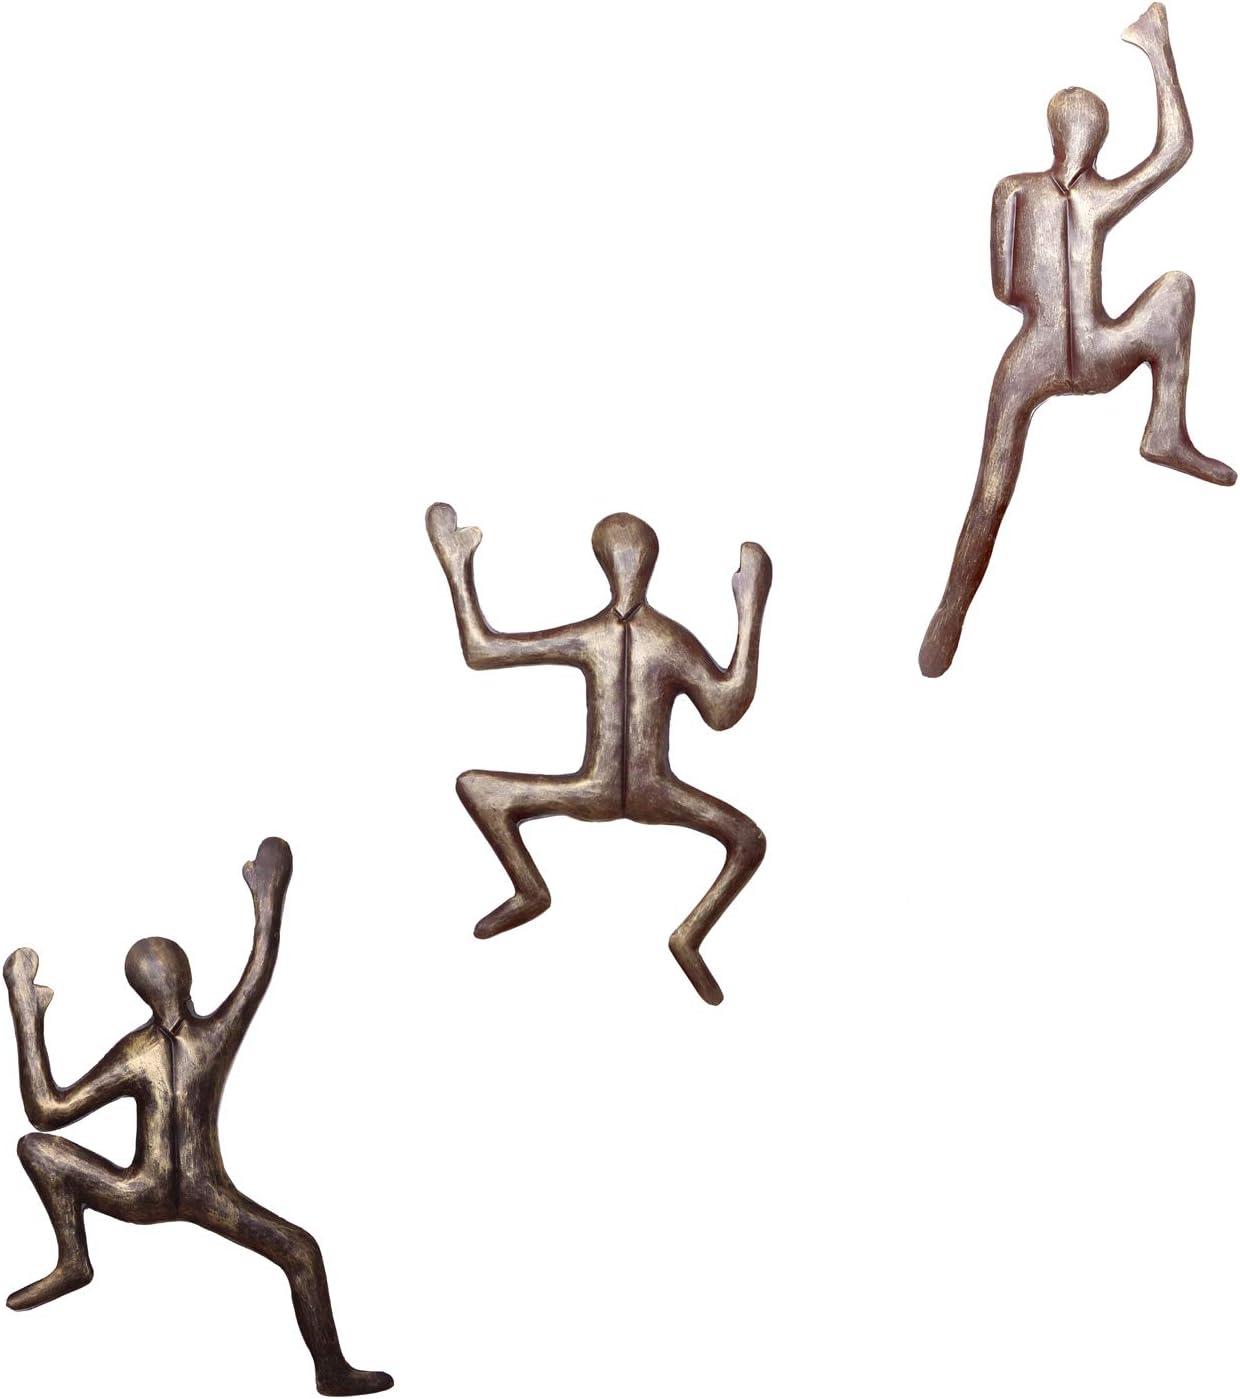 3 esculturas de Pared para Escalada WILLART decoraci/ón del hogar Escalada Regalo Pared Escalada dise/ño contempor/áneo Escalada ilustraci/ón decoraci/ón de monta/ña Escalada